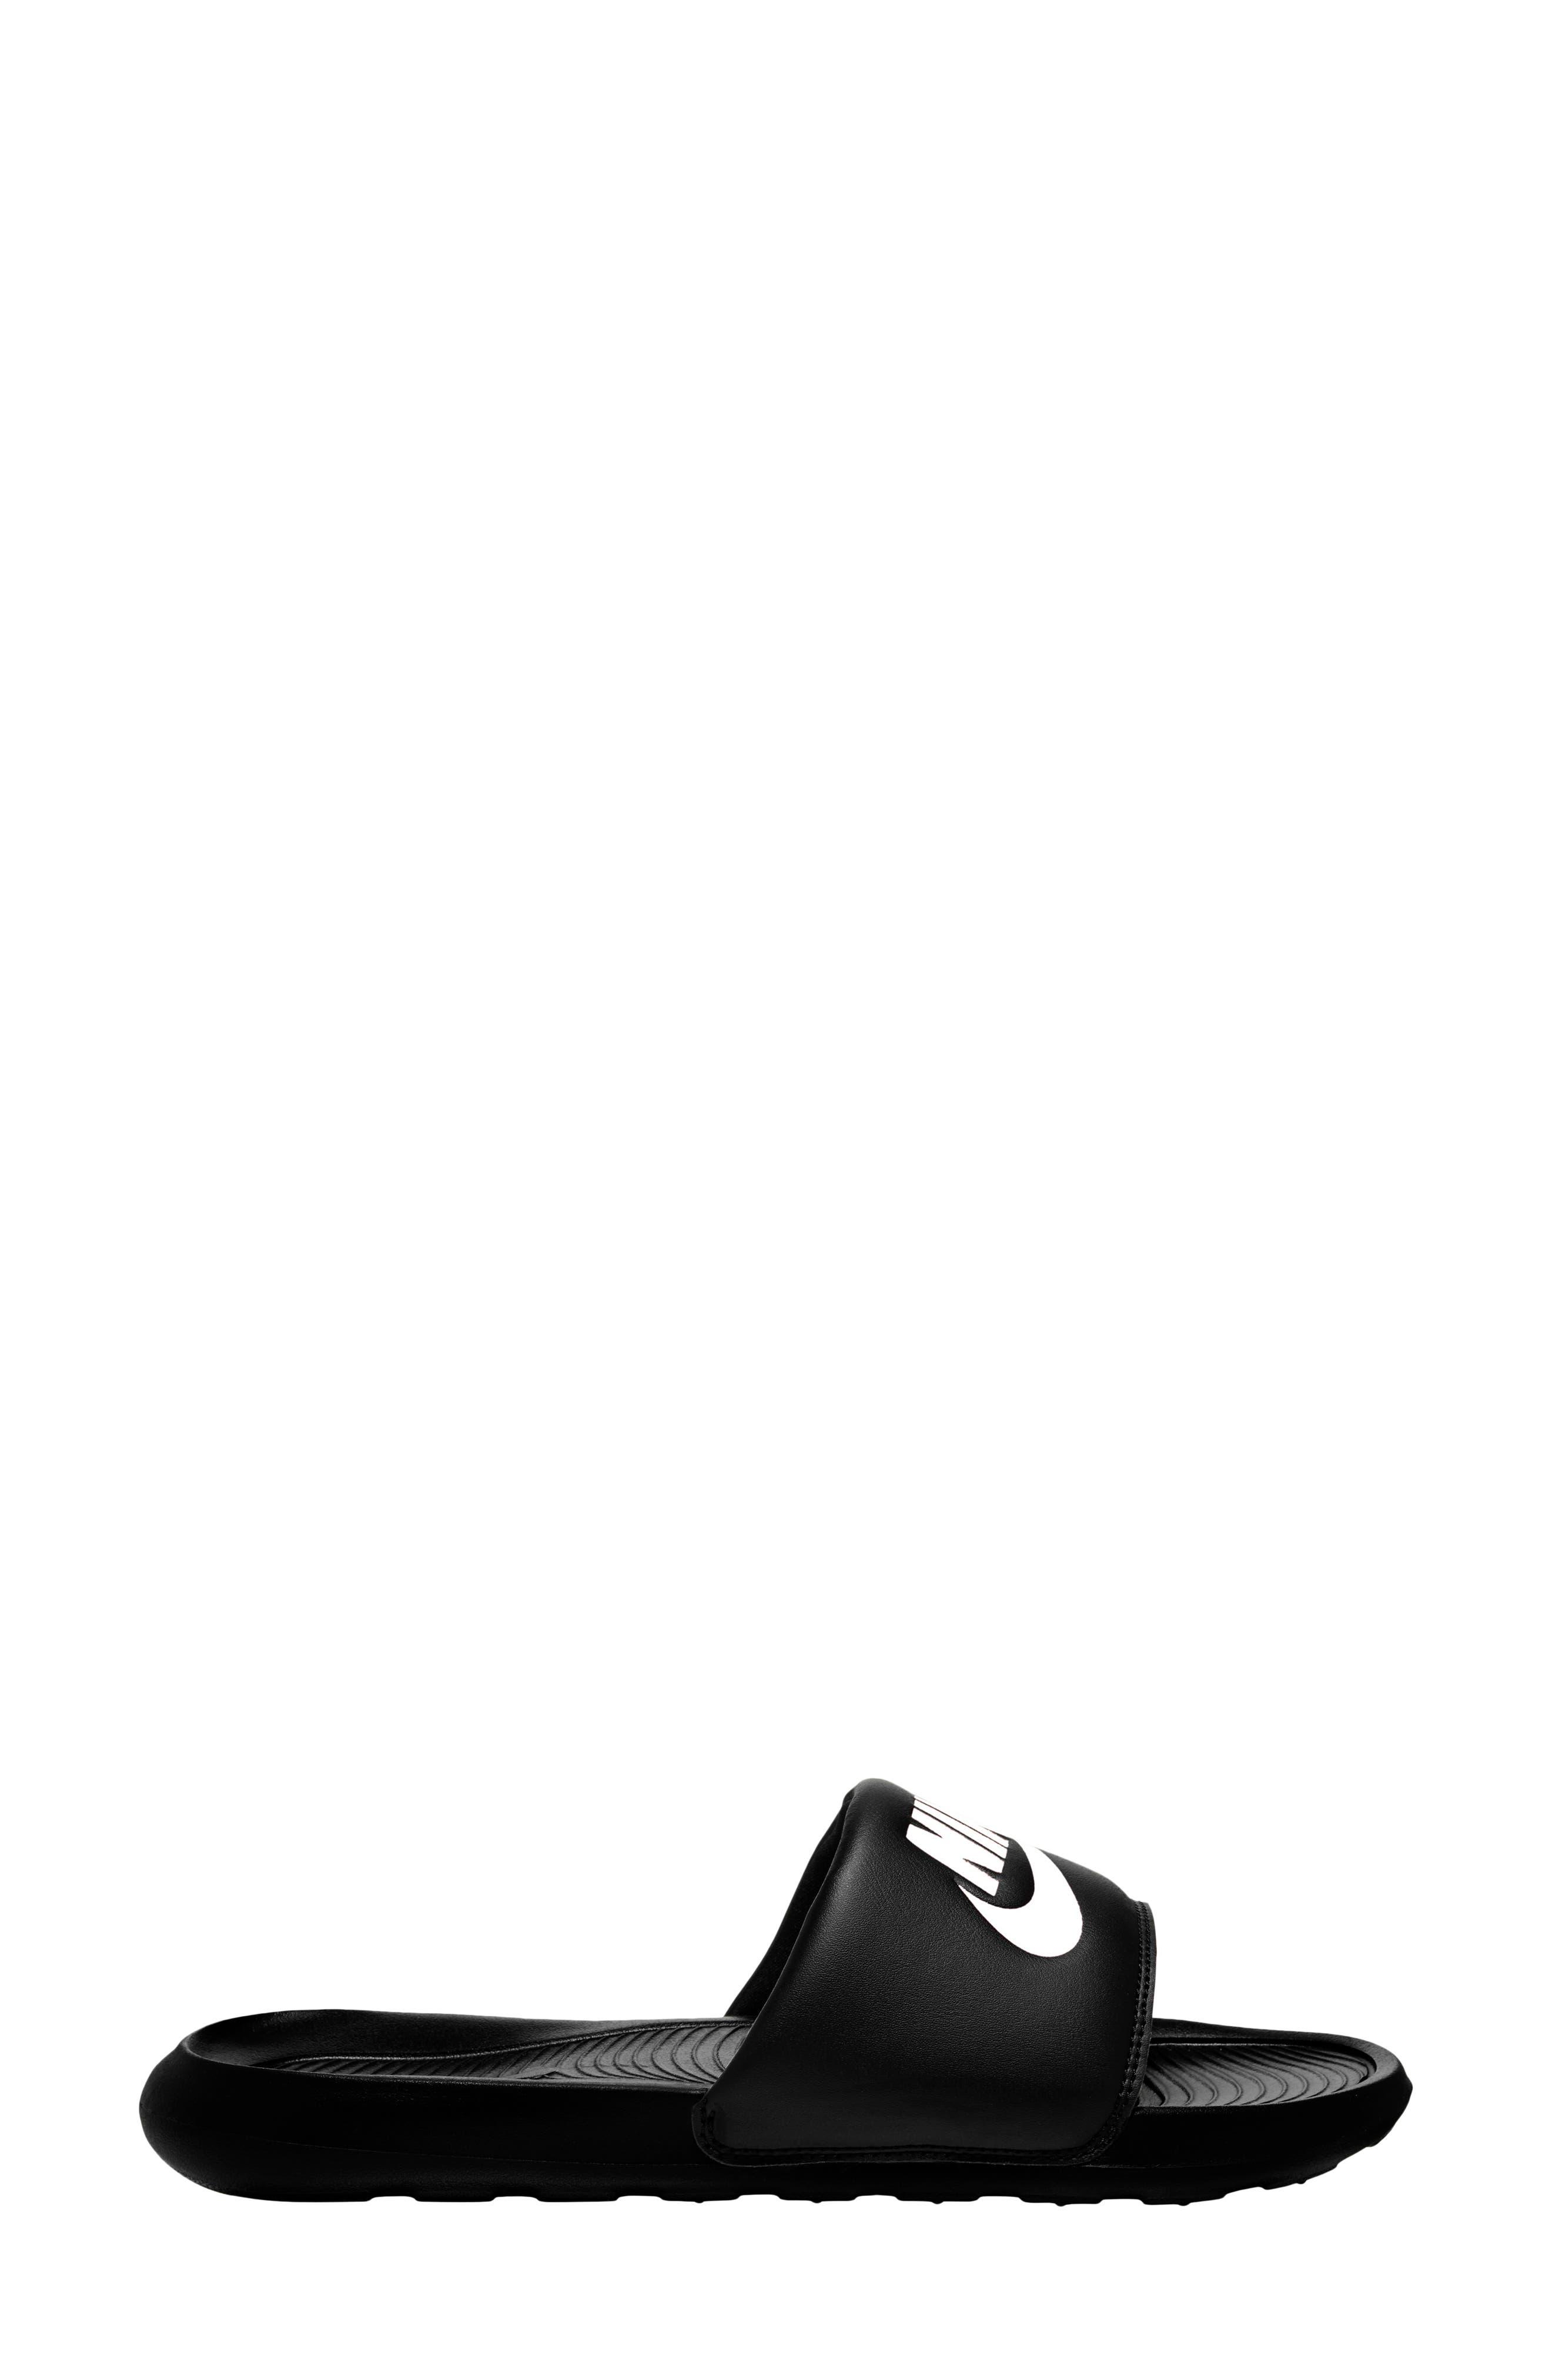 Men's Nike Sandals, Slides \u0026 Flip-Flops